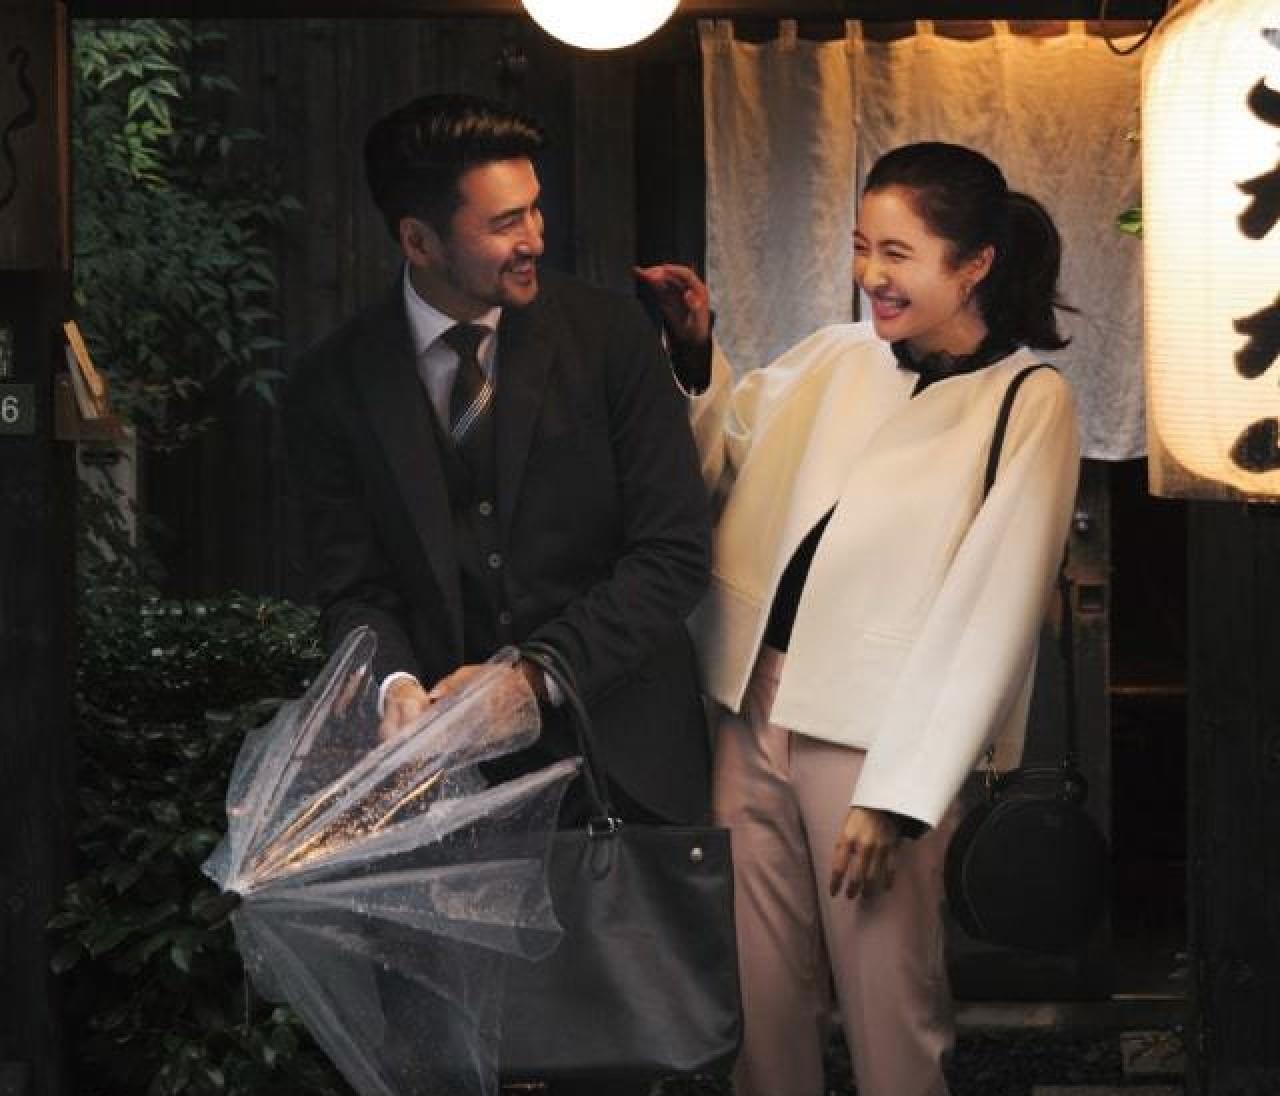 仕事帰りにデートに行く日は、白&ピンクの大人の可愛げスタイル【2018/11/30のコーデ】